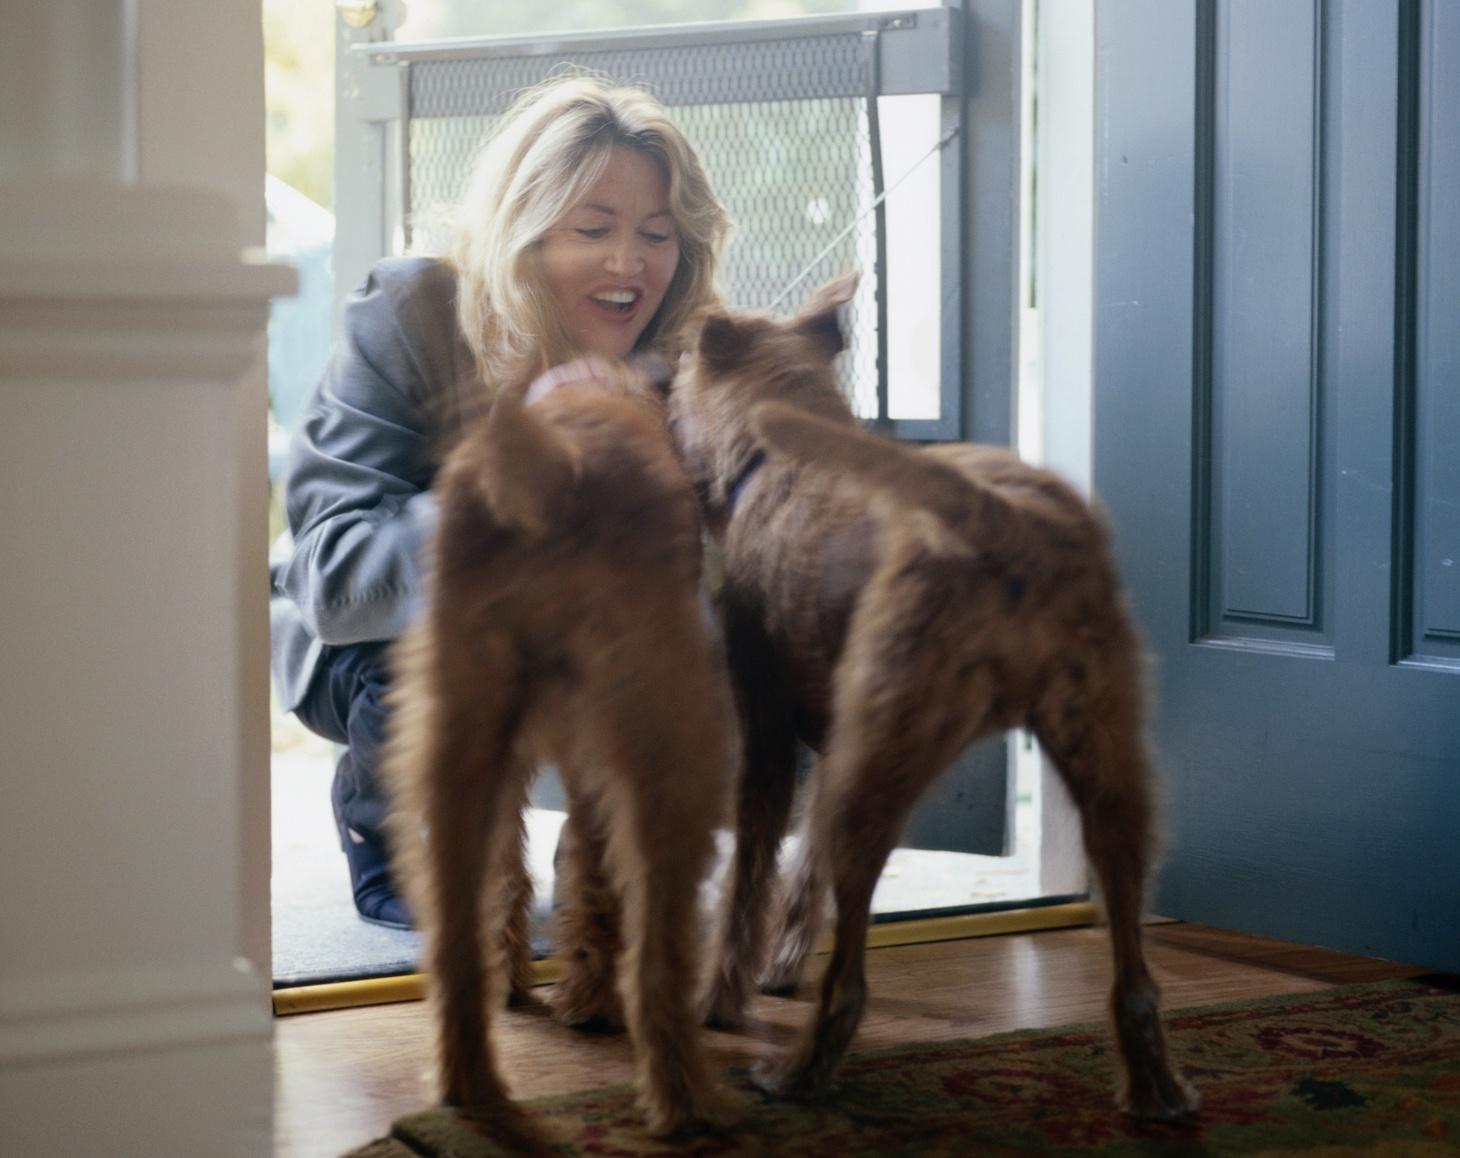 Woman Greeting Irish Terriers at Front Door